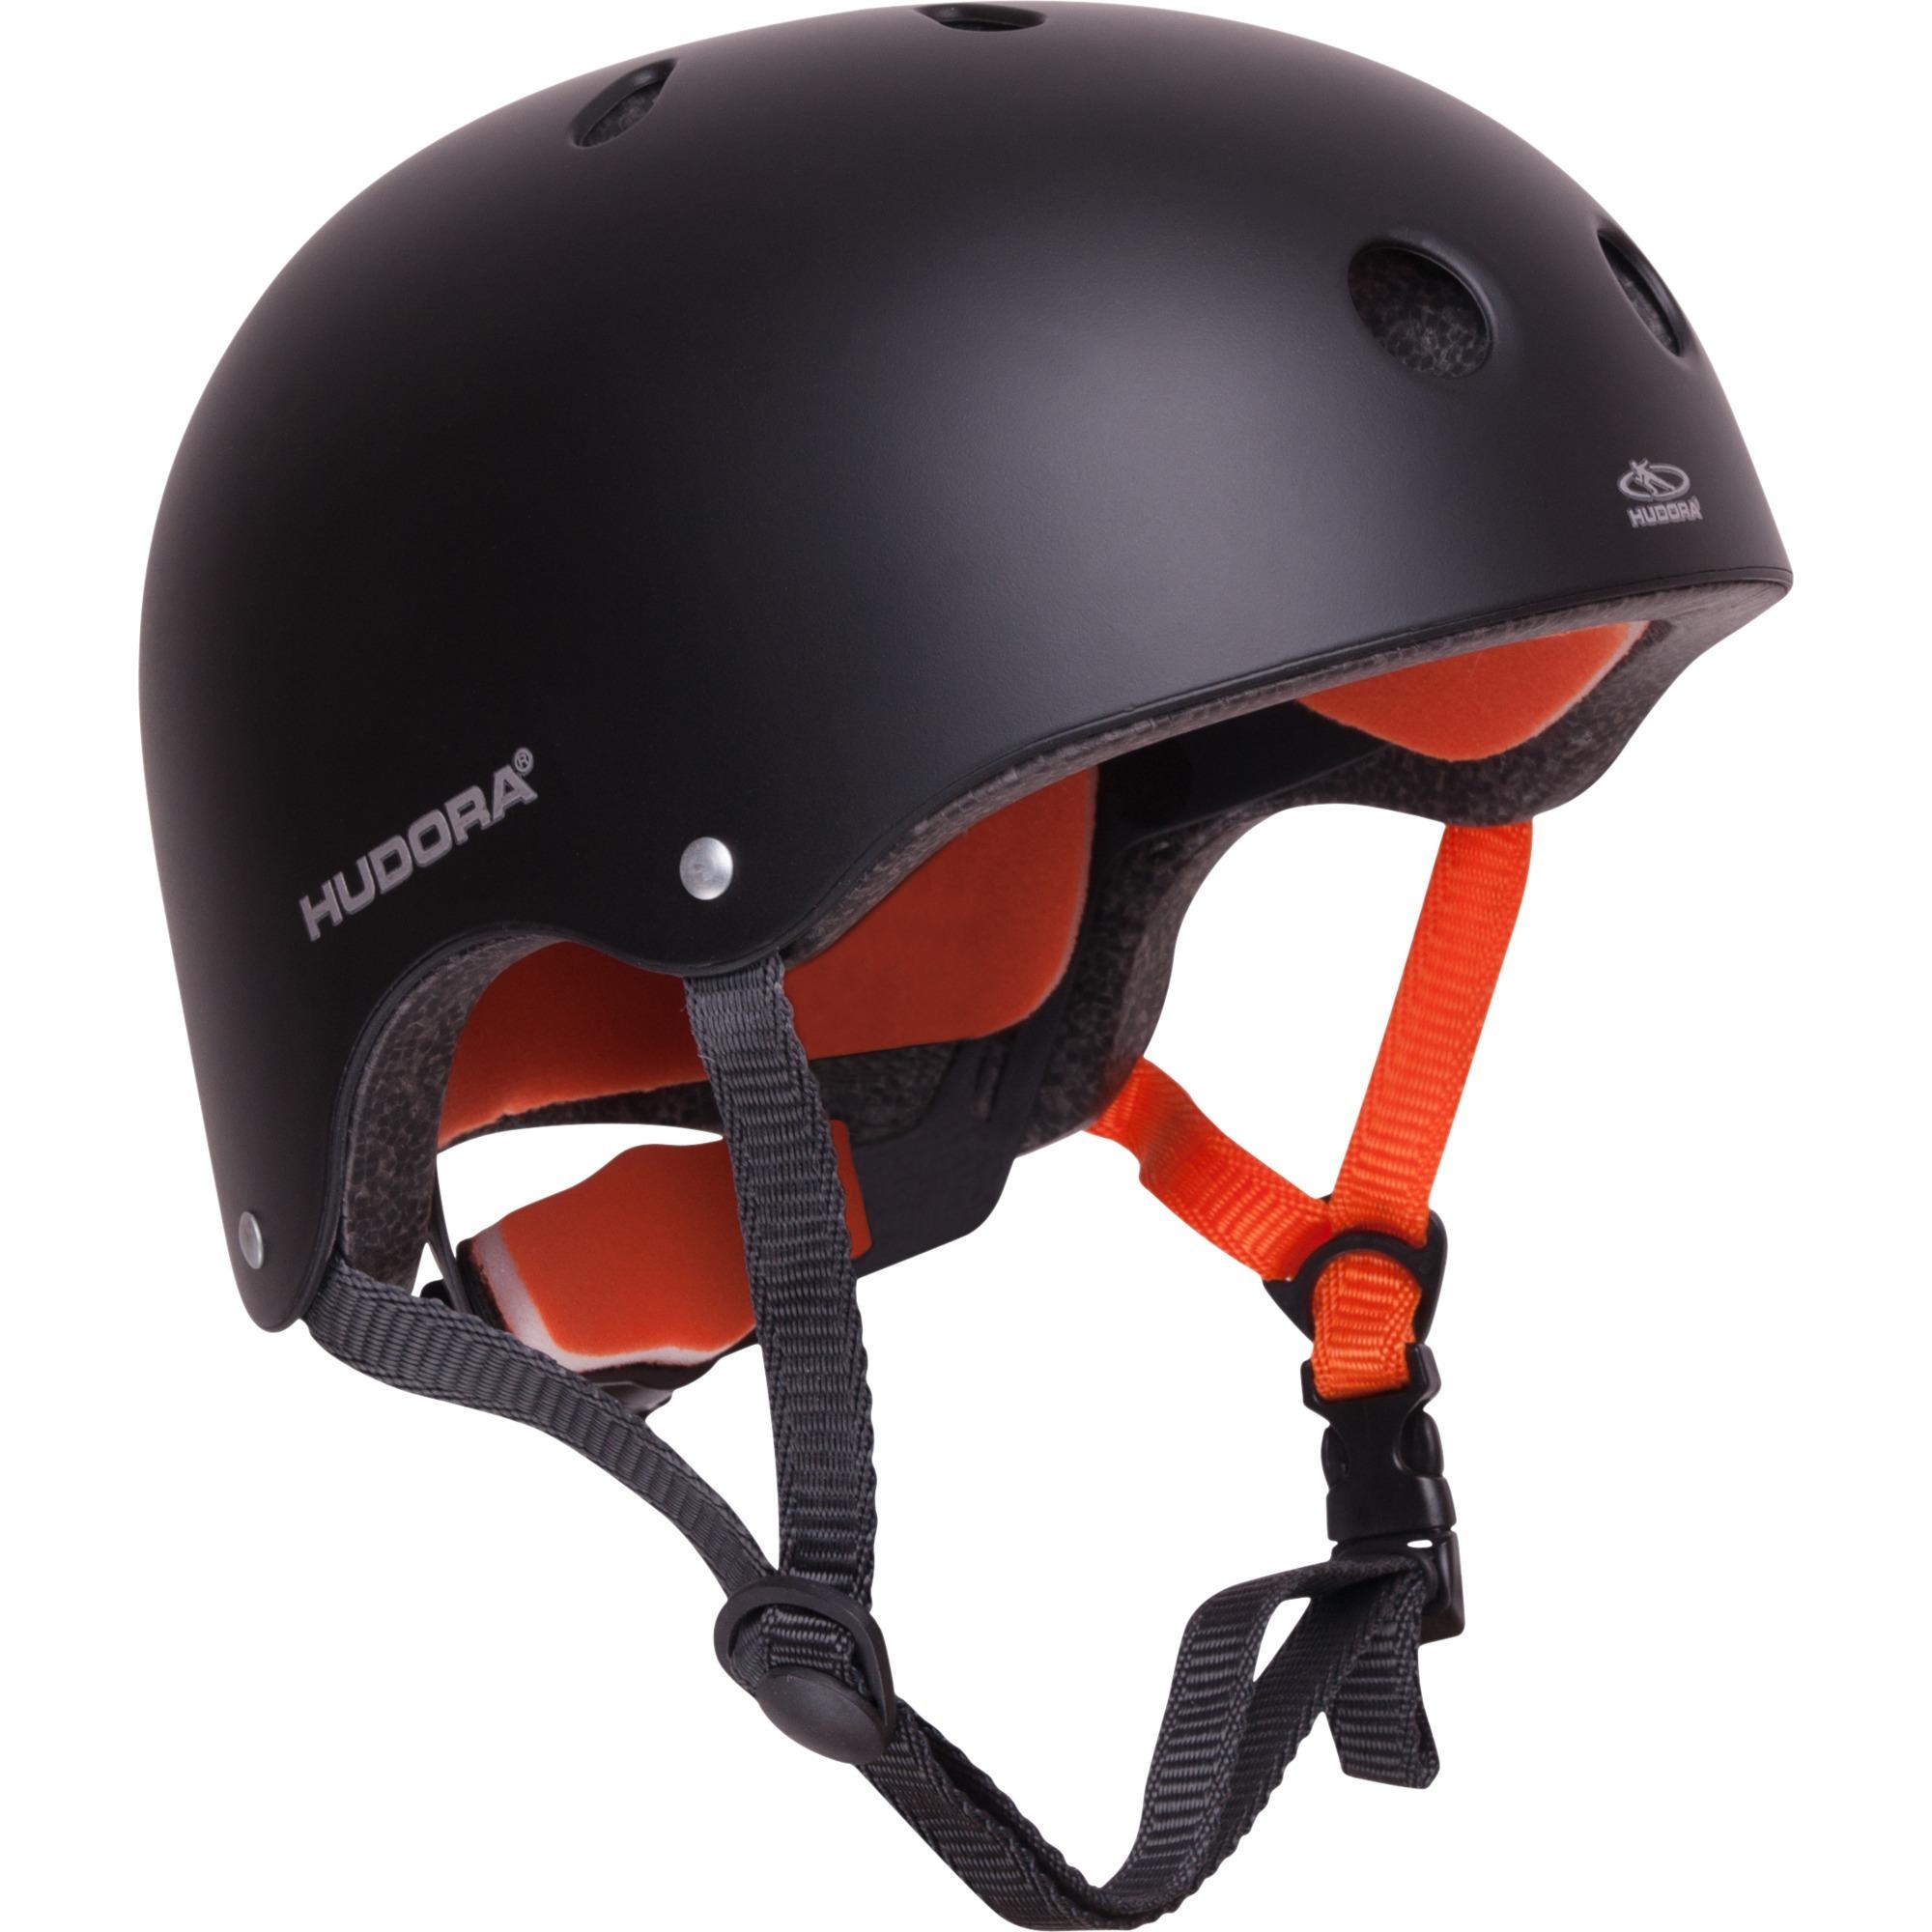 84103 casco de protección para deporte Skateboarding Casco abierto